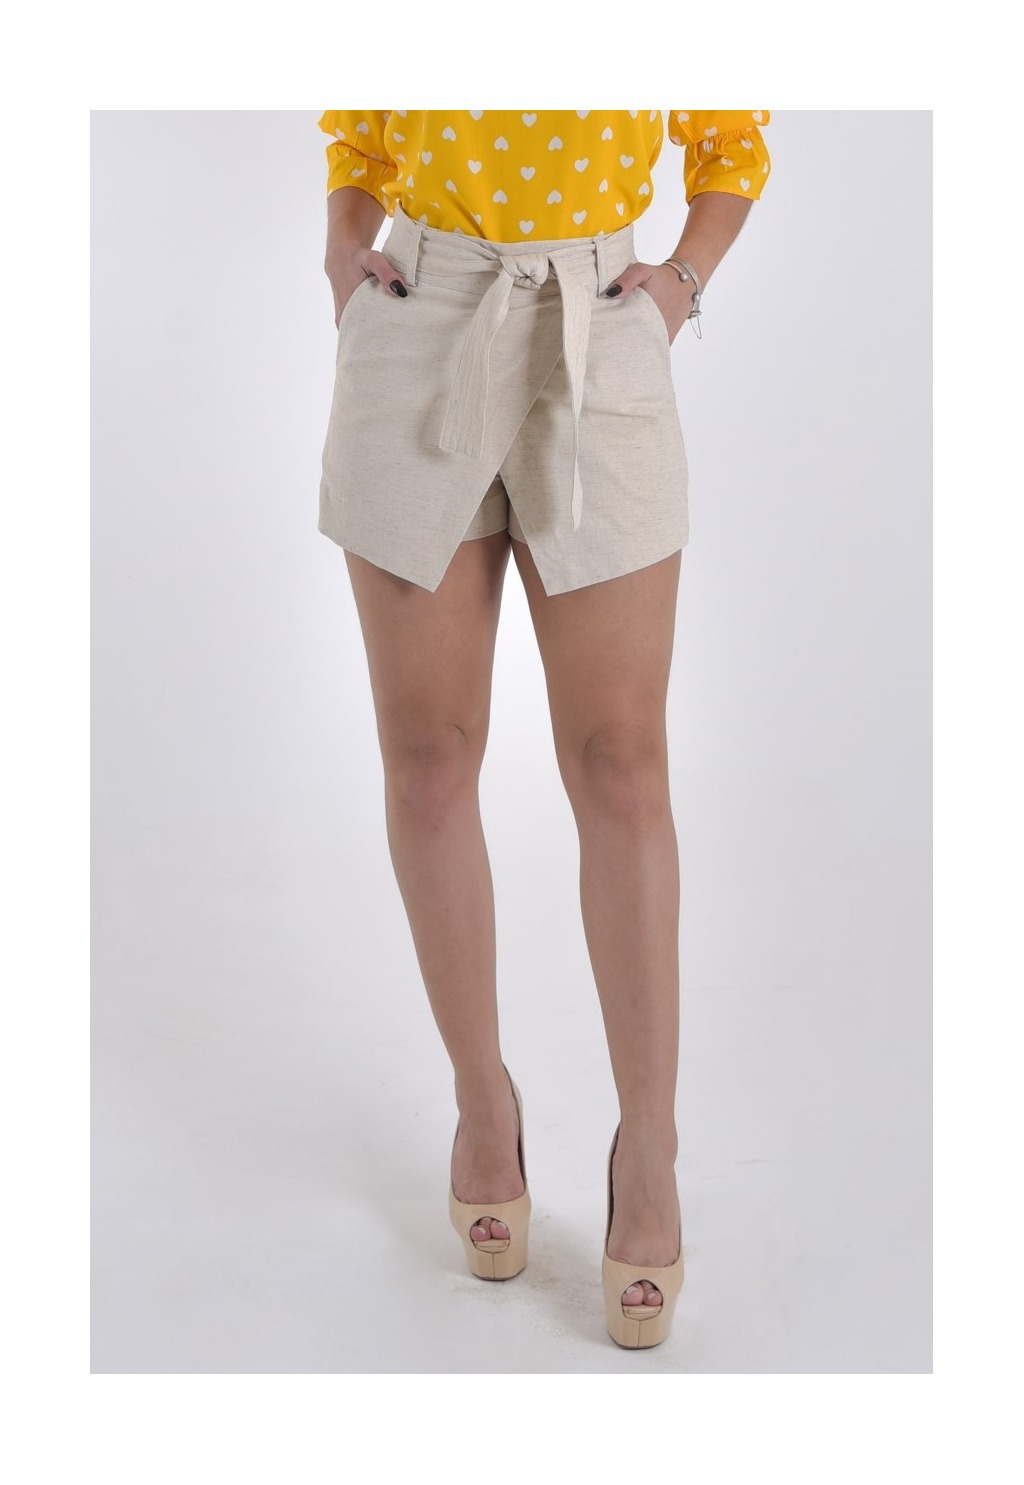 Short -saia Mamorena linho com faixa pespontada